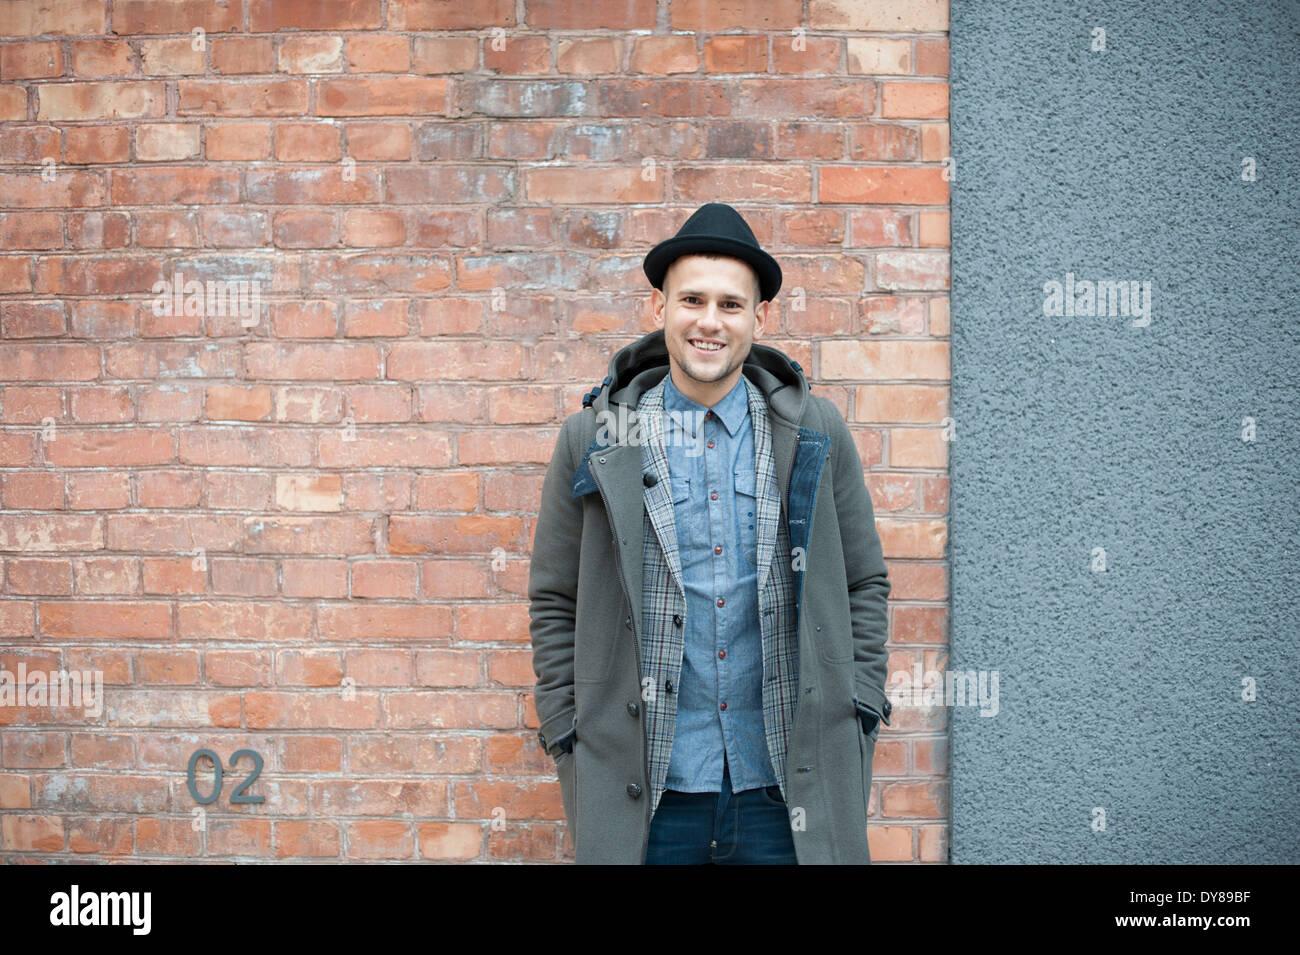 Hombre joven con sombrero Imagen De Stock